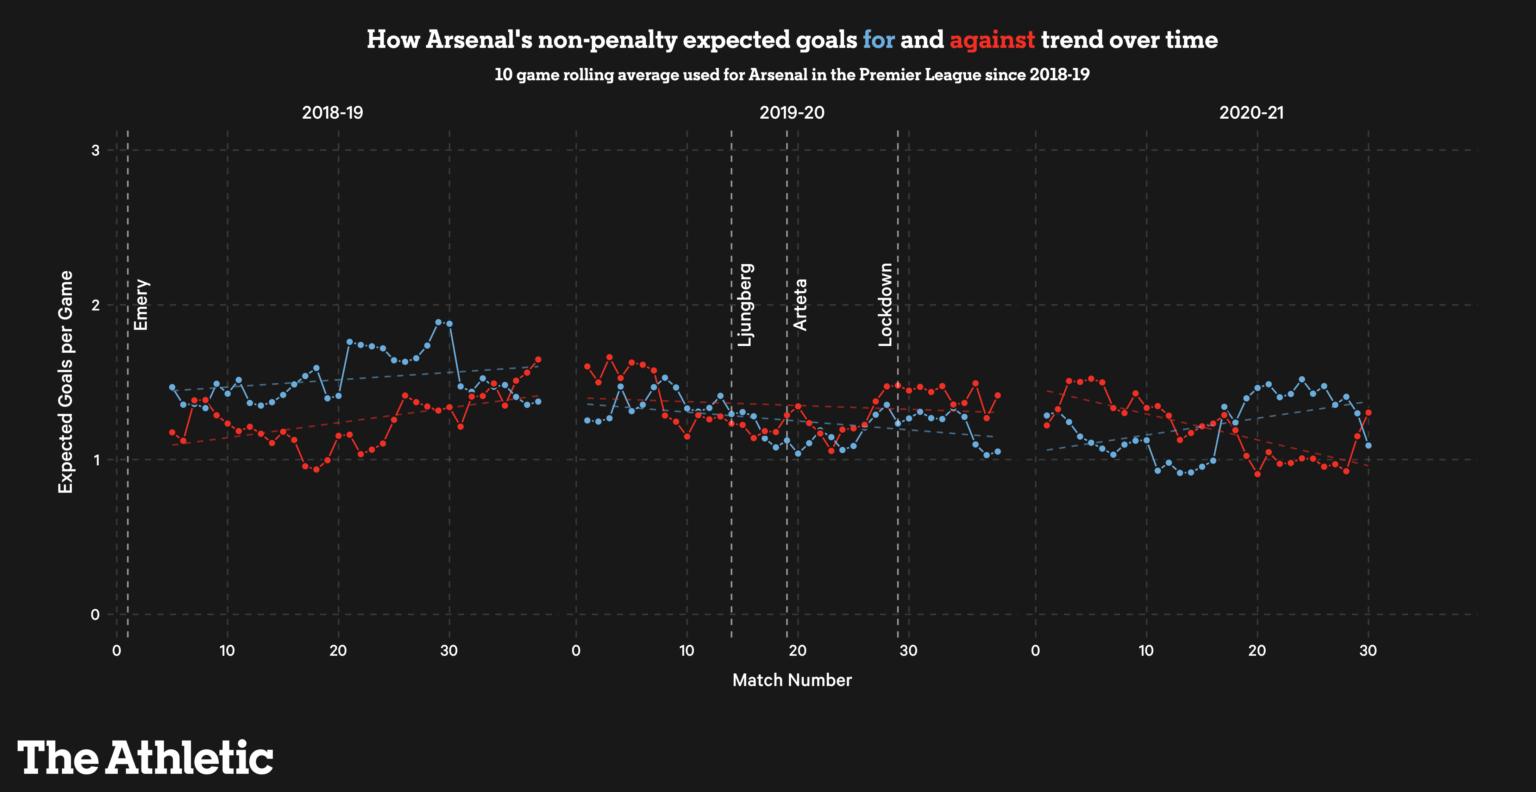 Arsenal của Mikel Arteta qua những con số: Có cải thiện, nhưng... đường còn dài